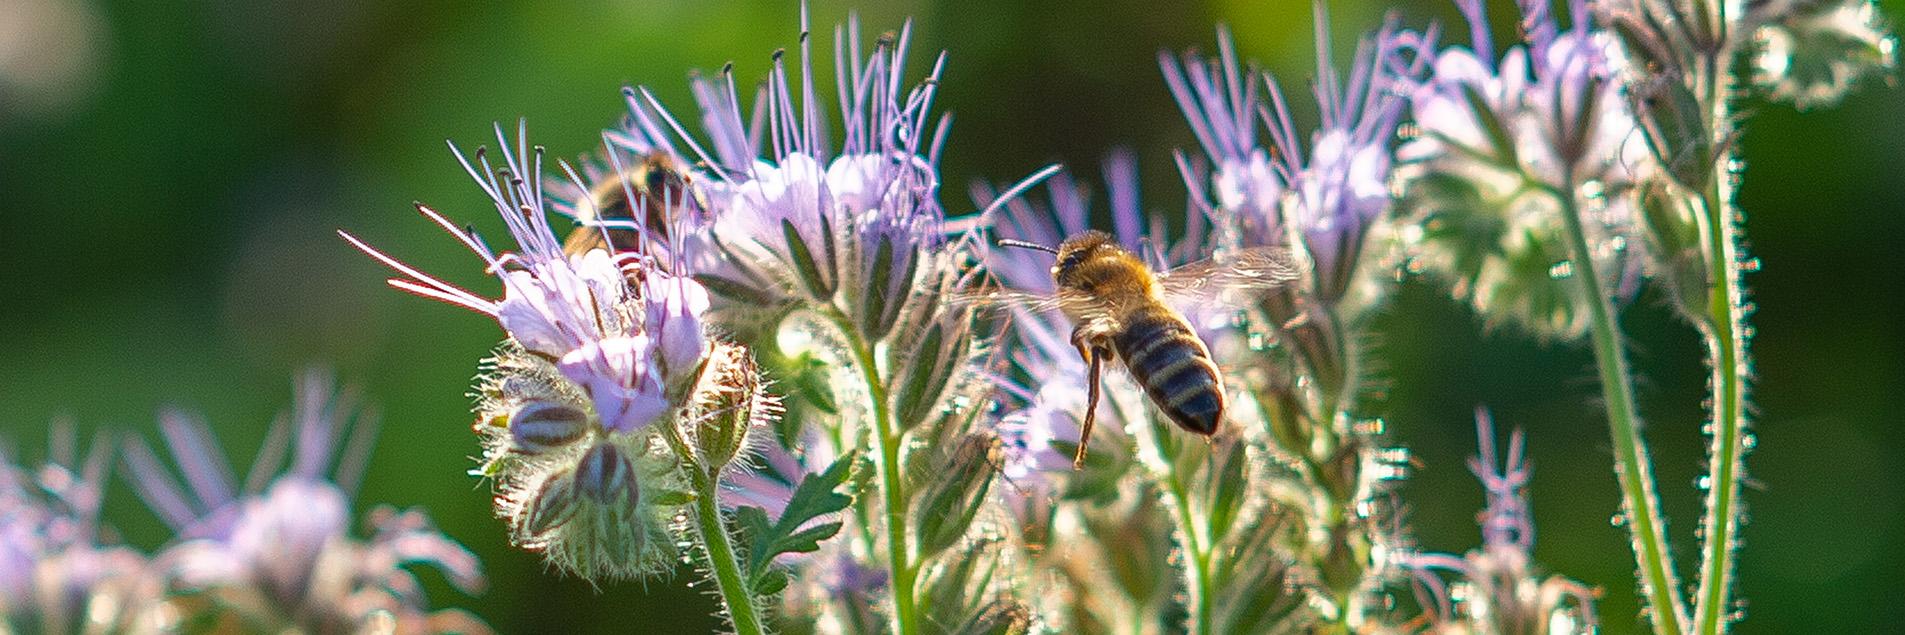 natur landwirtschaft biene bremen